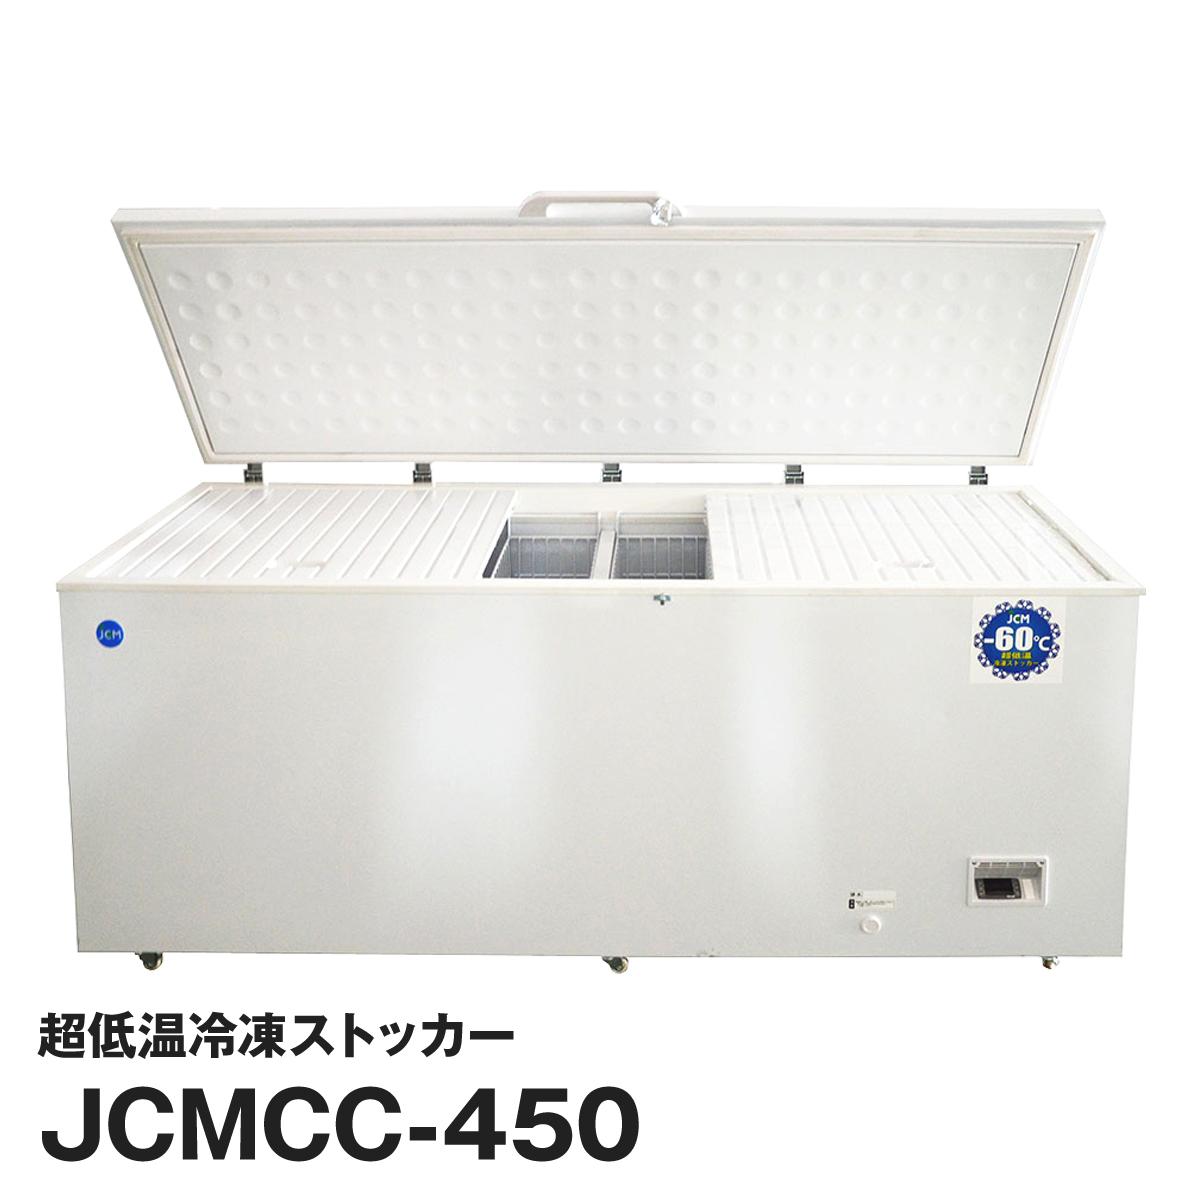 JCM社製 業務用 保冷庫 冷凍庫 450L 超低温冷凍ストッカー JCMCC-450 新品